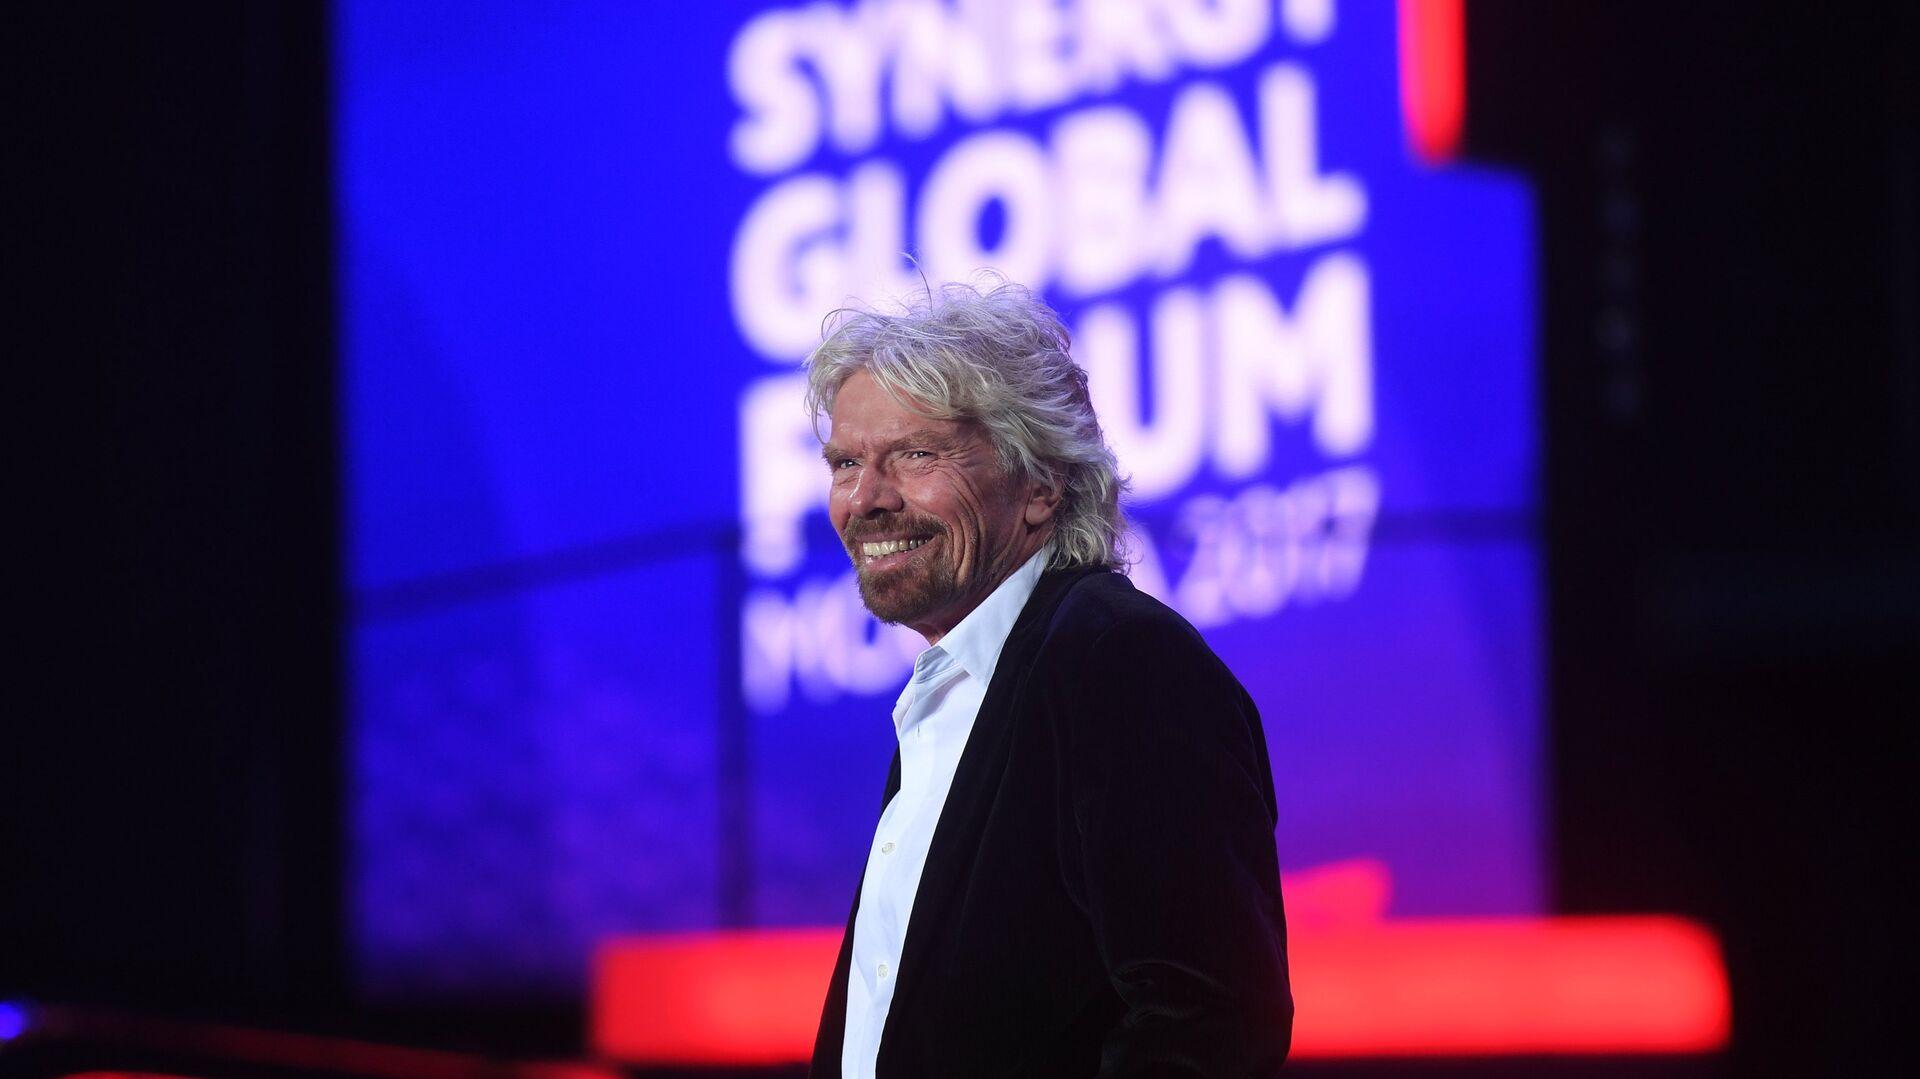 Основатель корпорации Virgin Group Сэр Ричард Брэнсон во время выступления на форуме Synergy Global Forum в Олимпийском. 27 ноября 2017 - РИА Новости, 1920, 11.07.2021